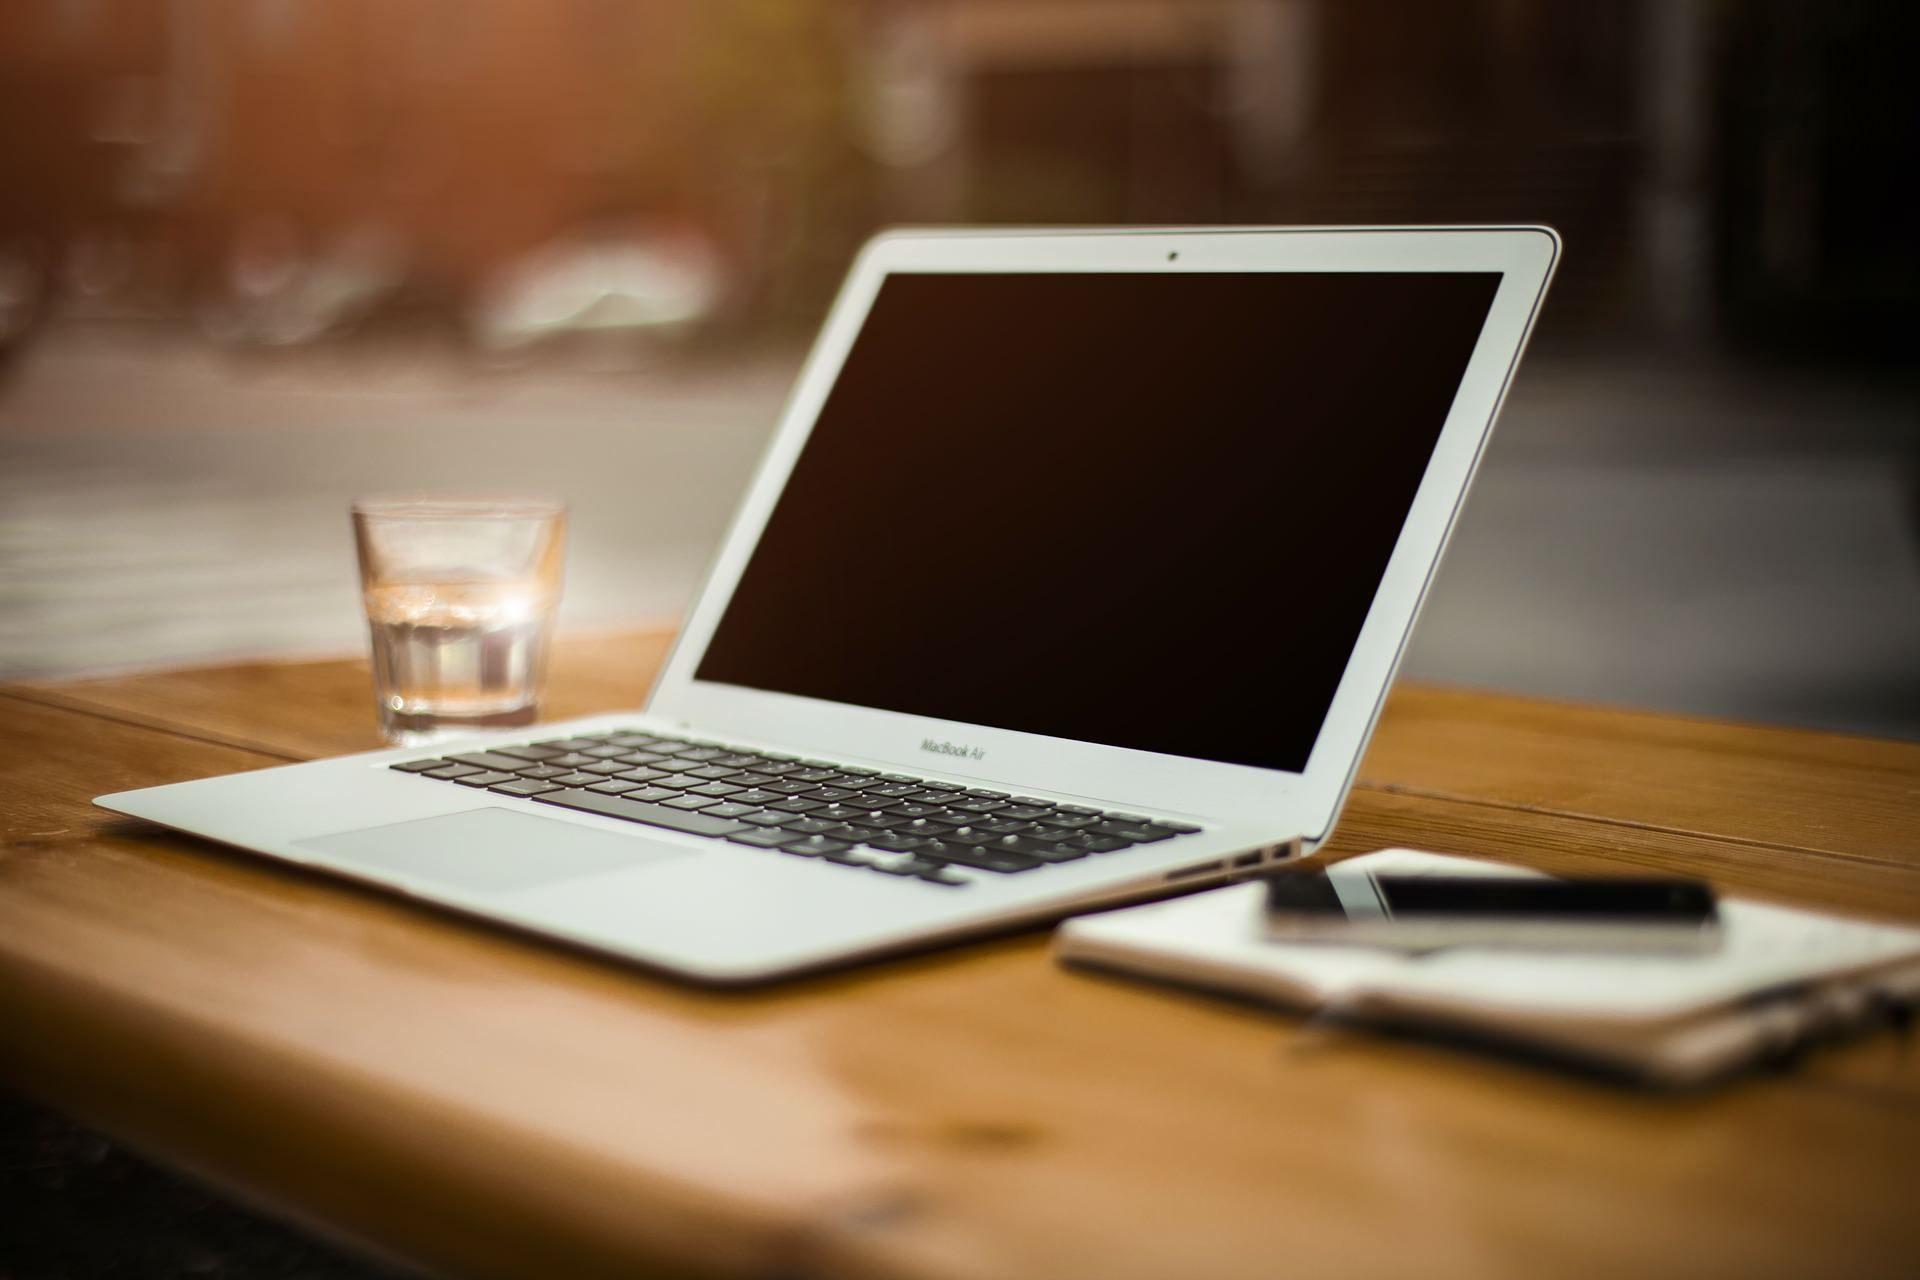 ホームページを自分で新規作成したい人必見‼制作の手順と制作後の活用方法